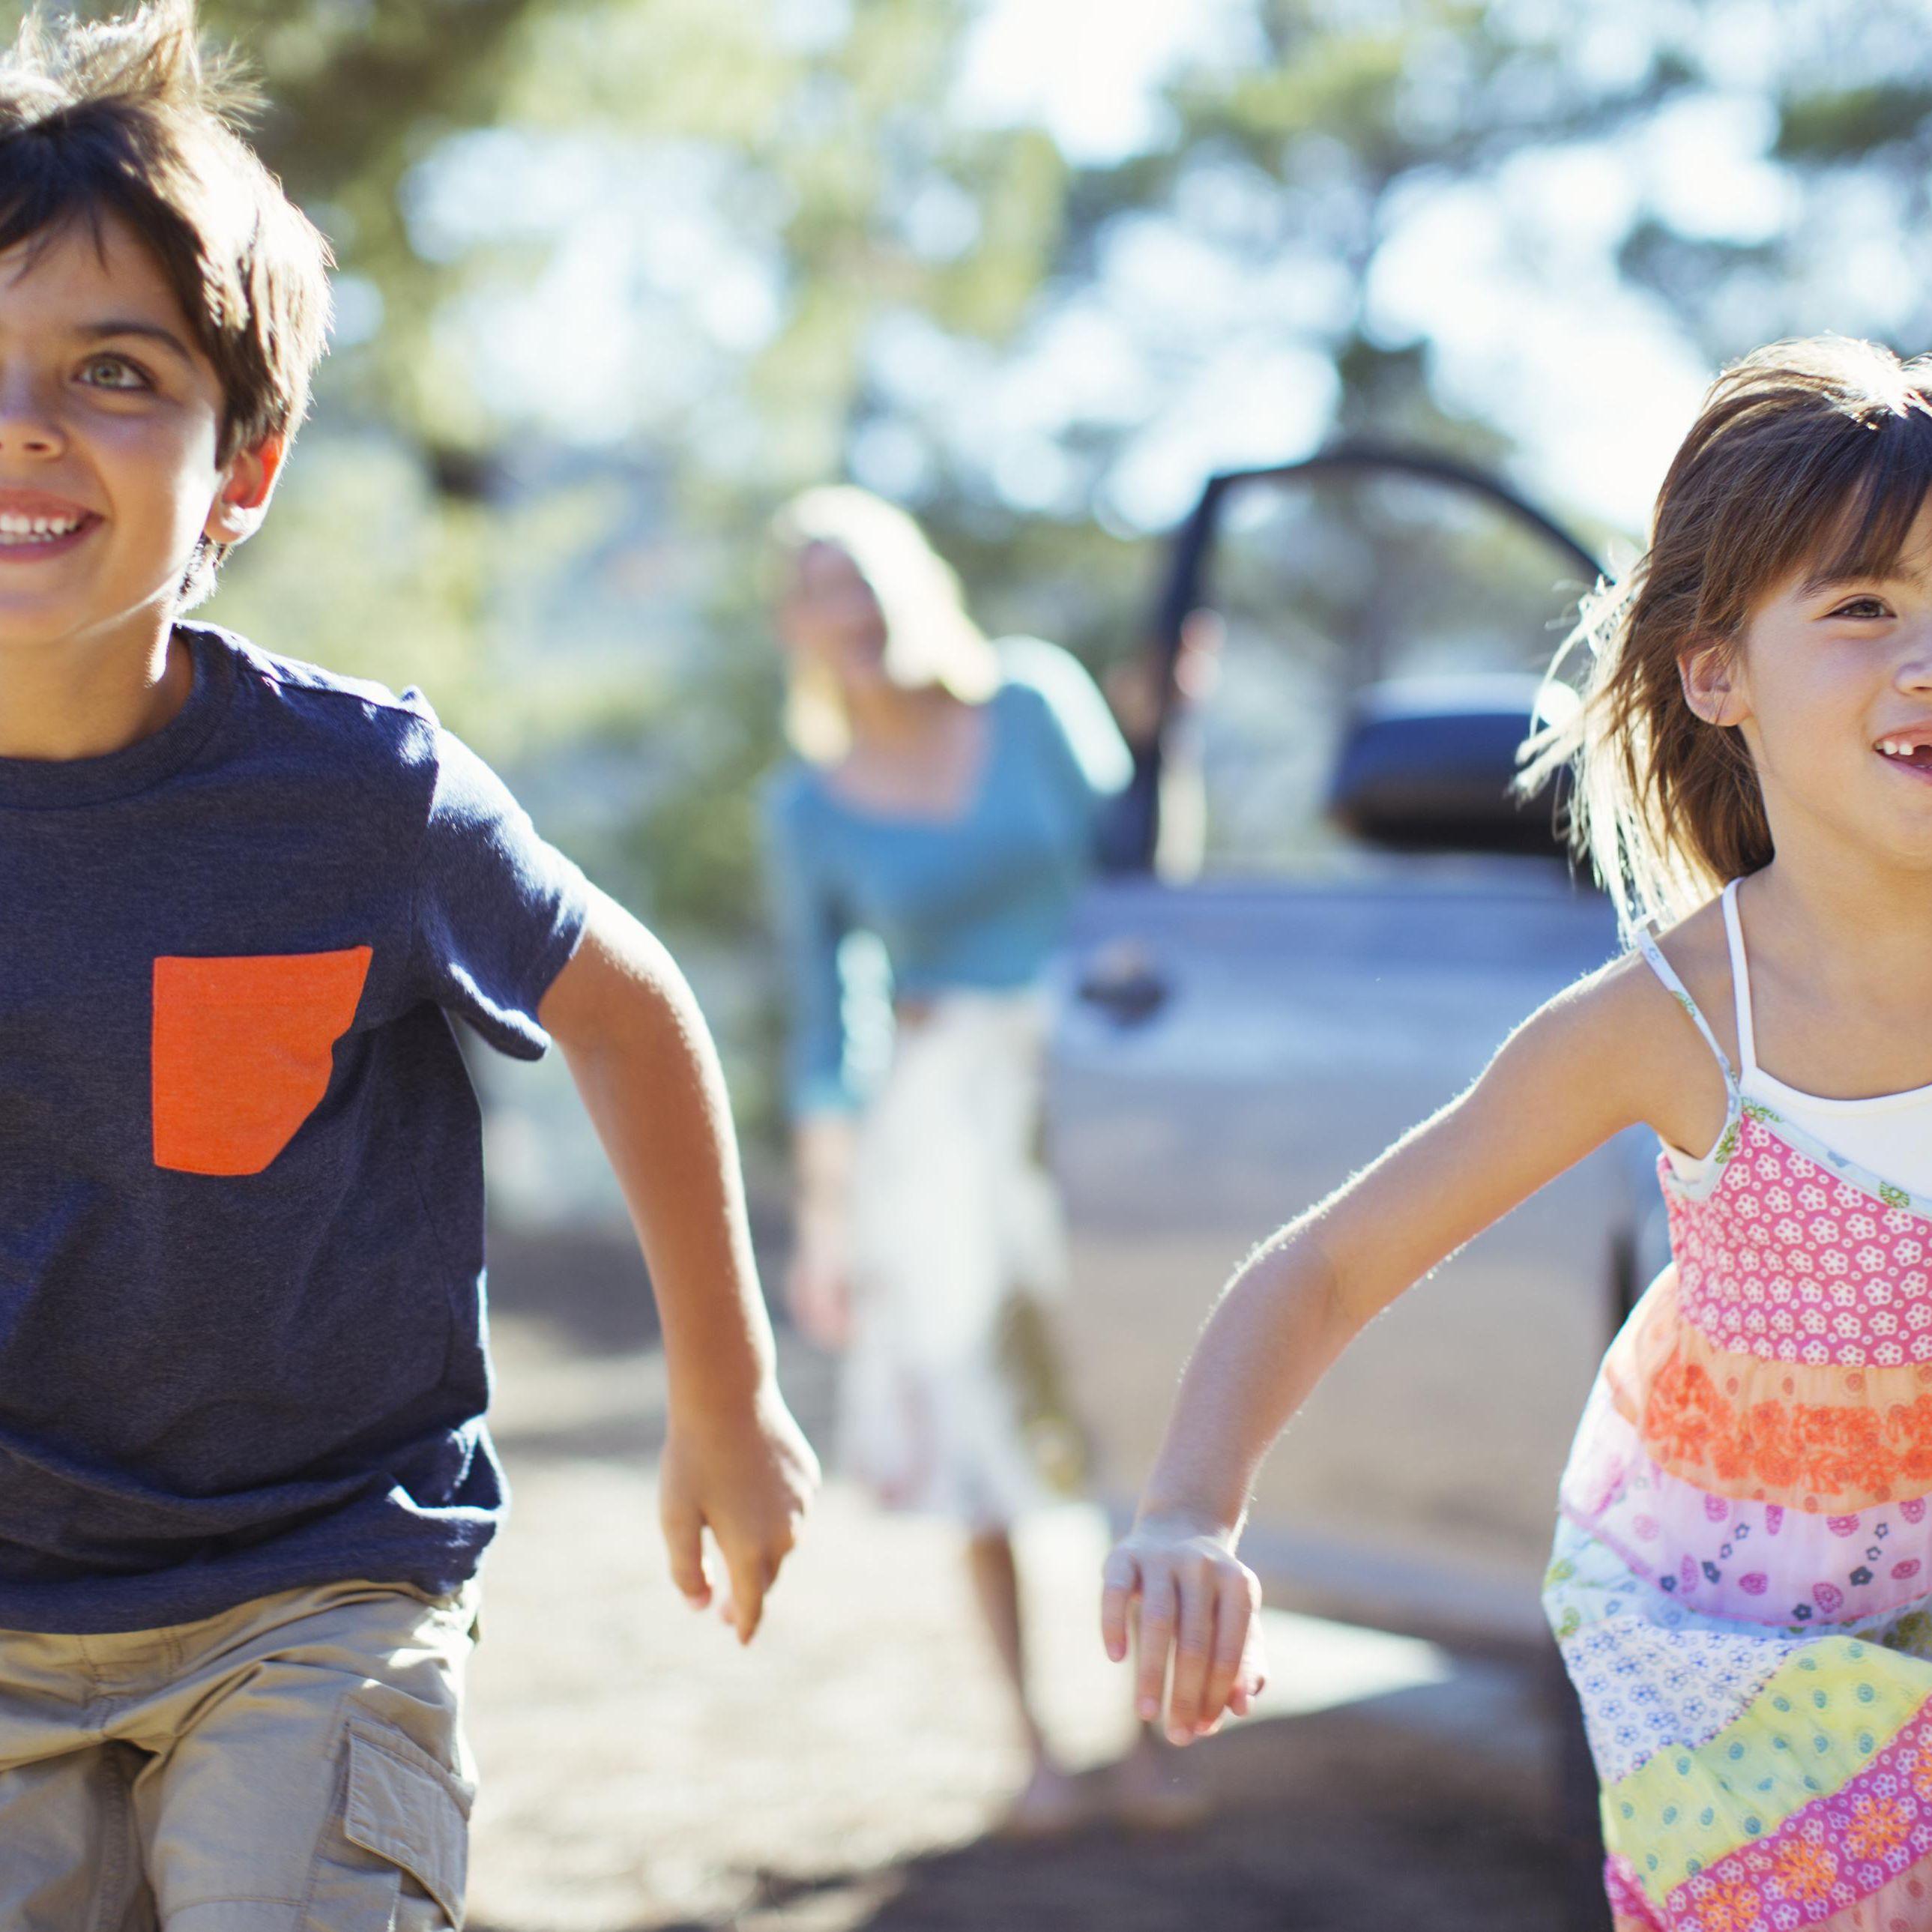 Fine and Gross Motor Skills in Children